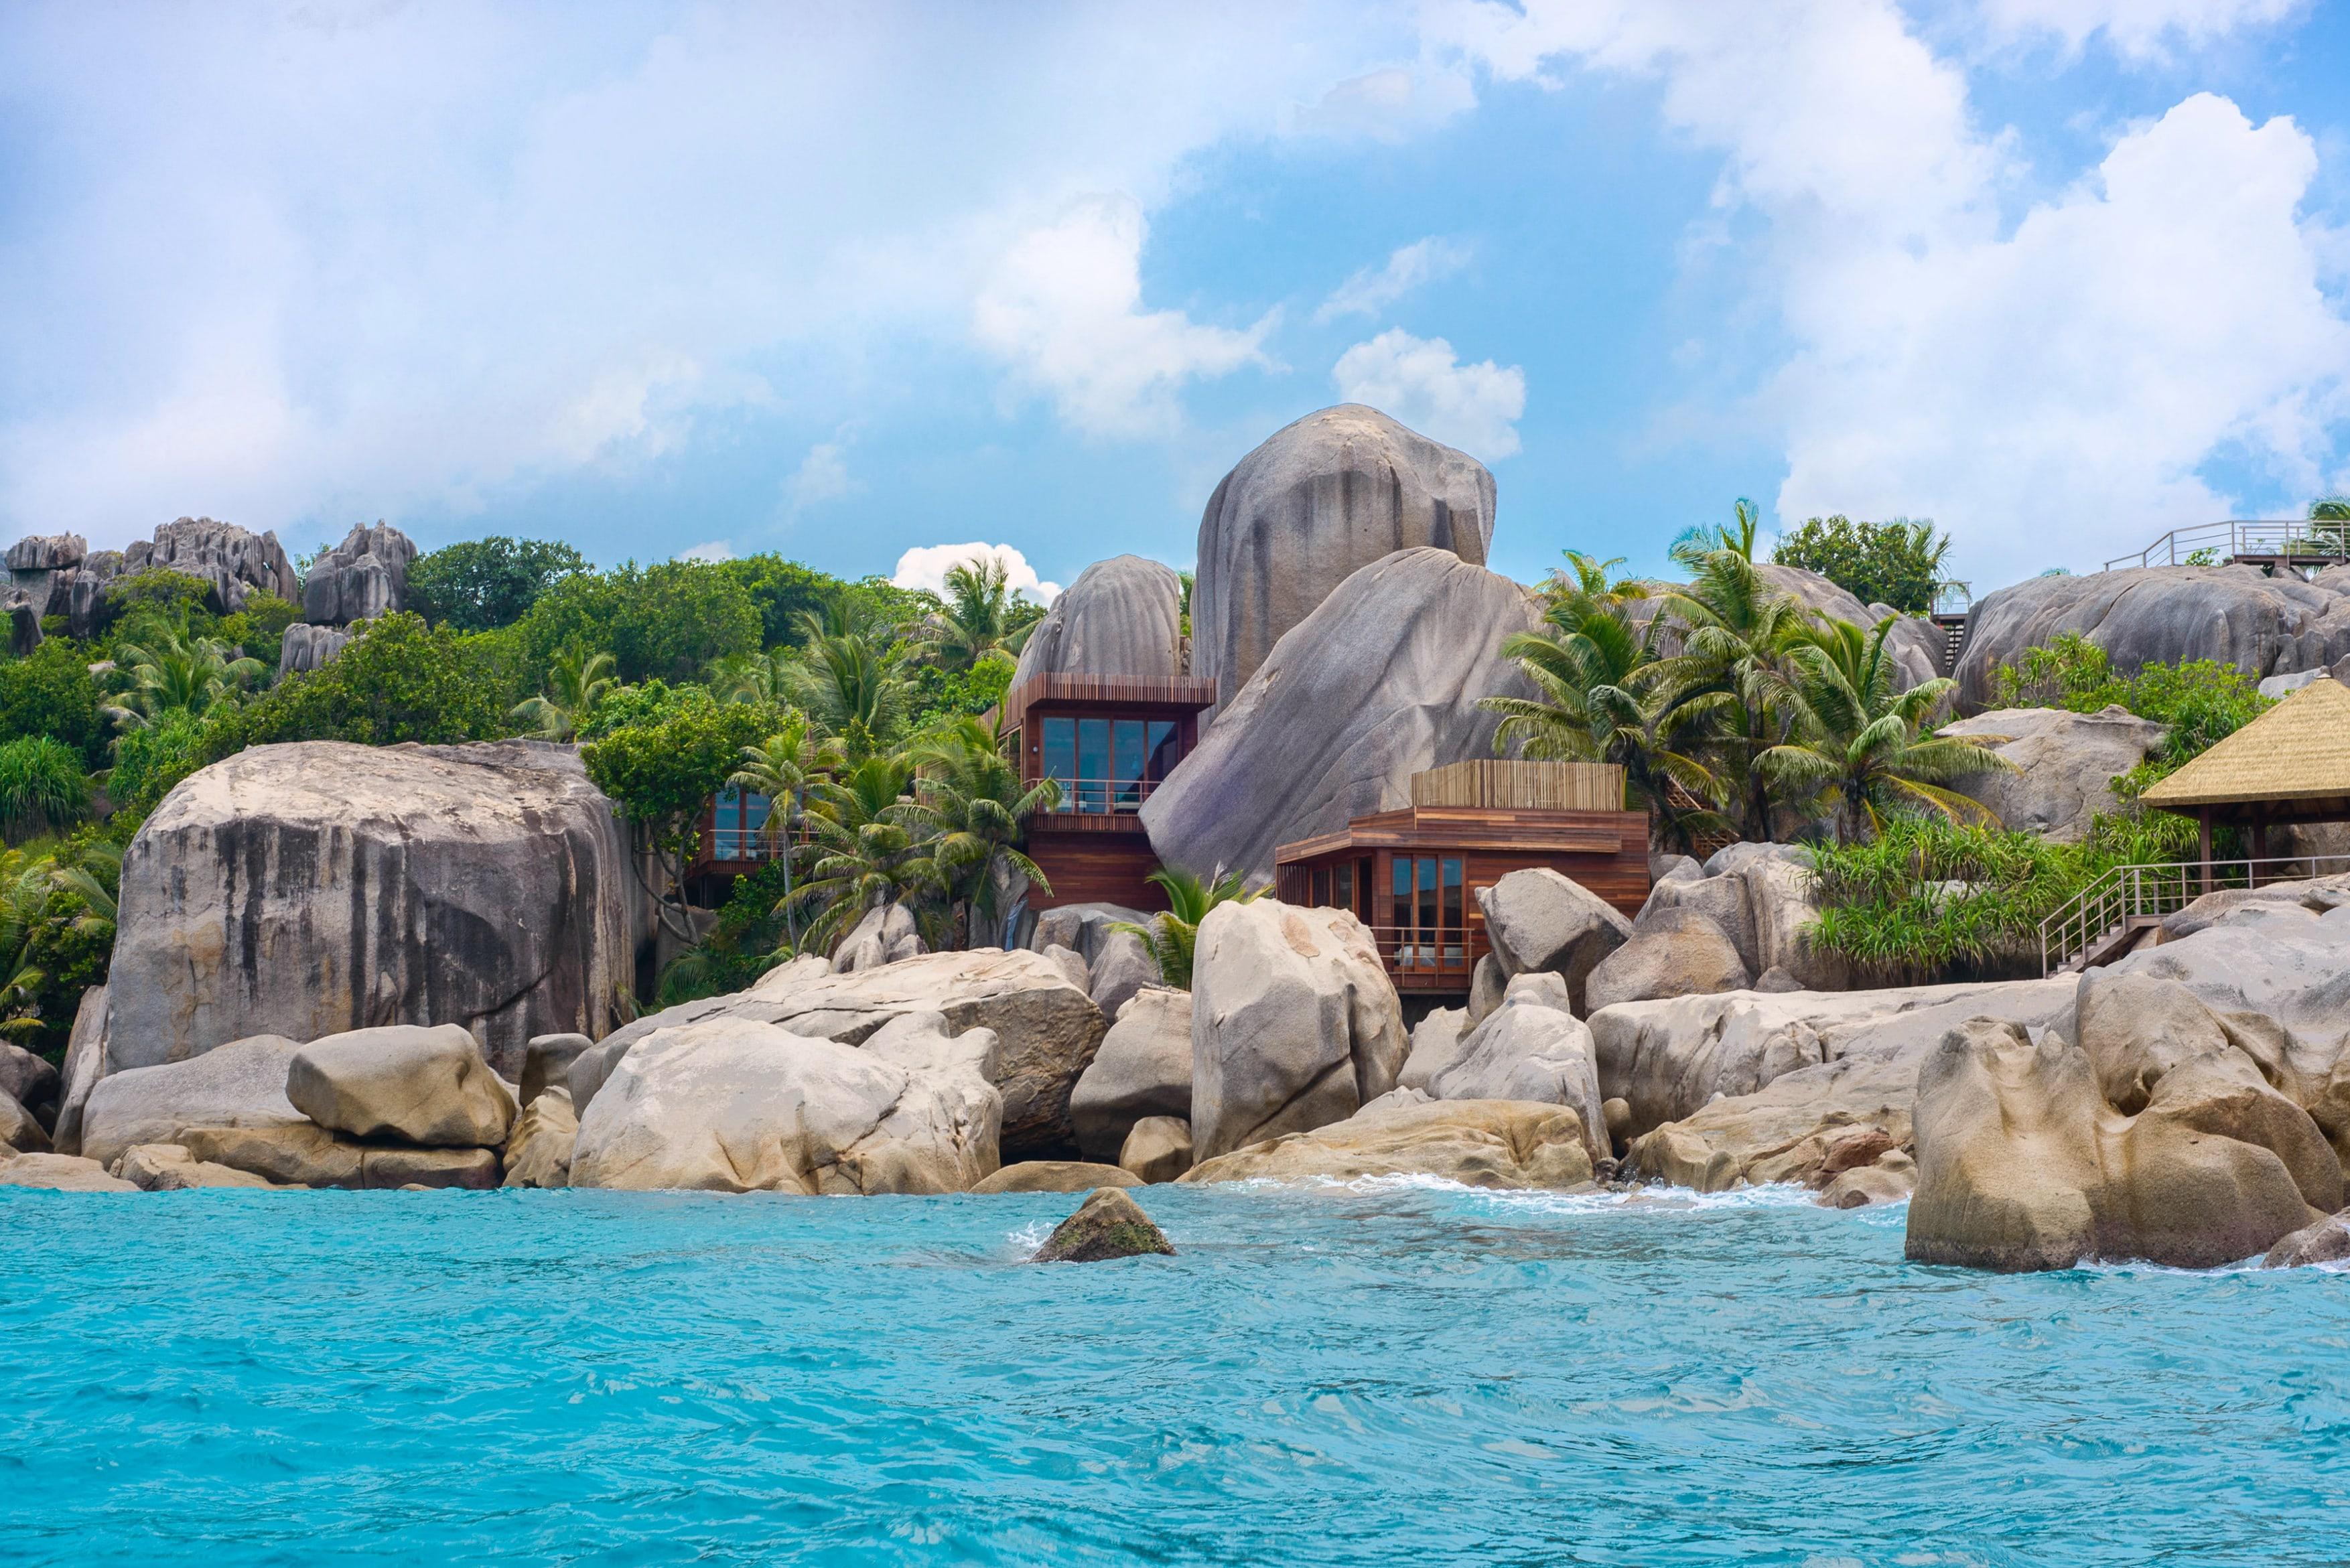 Kết quả hình ảnh cho seychelles tourist attractions